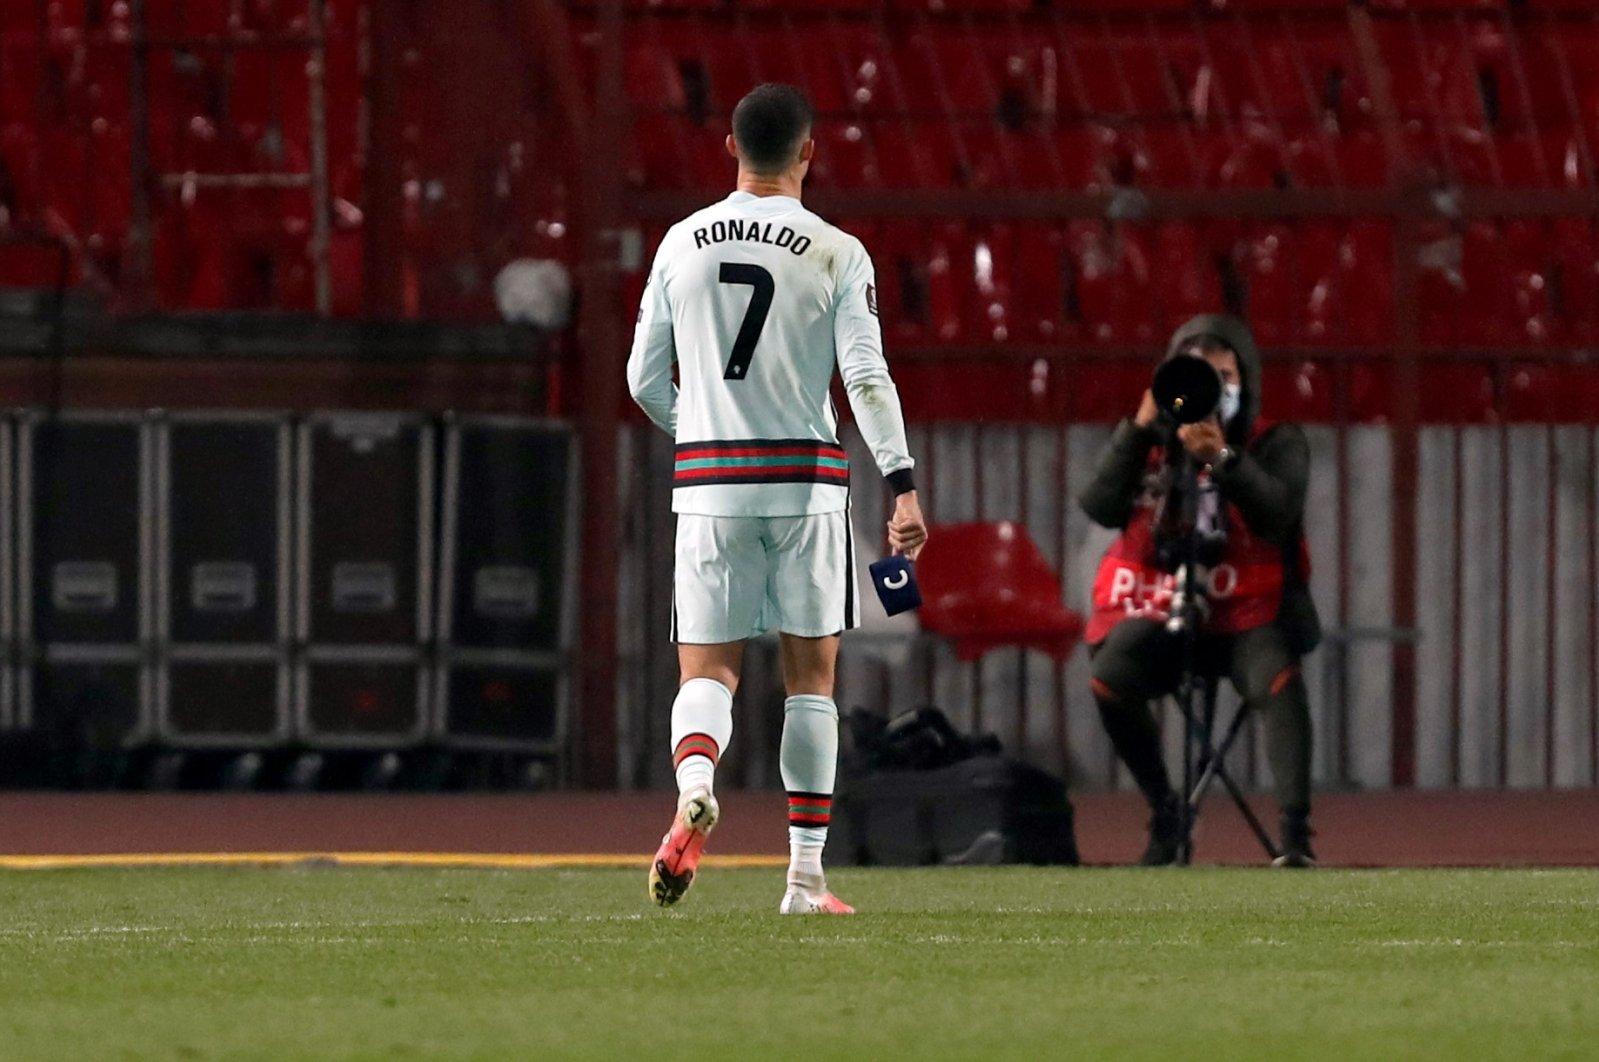 โรนัลโด้ถอดและโยนปลอกแขนกัปตันทีมในการแข่งขันระหว่างเซอร์เบียและโปรตุเกส  ภาพ: AP.